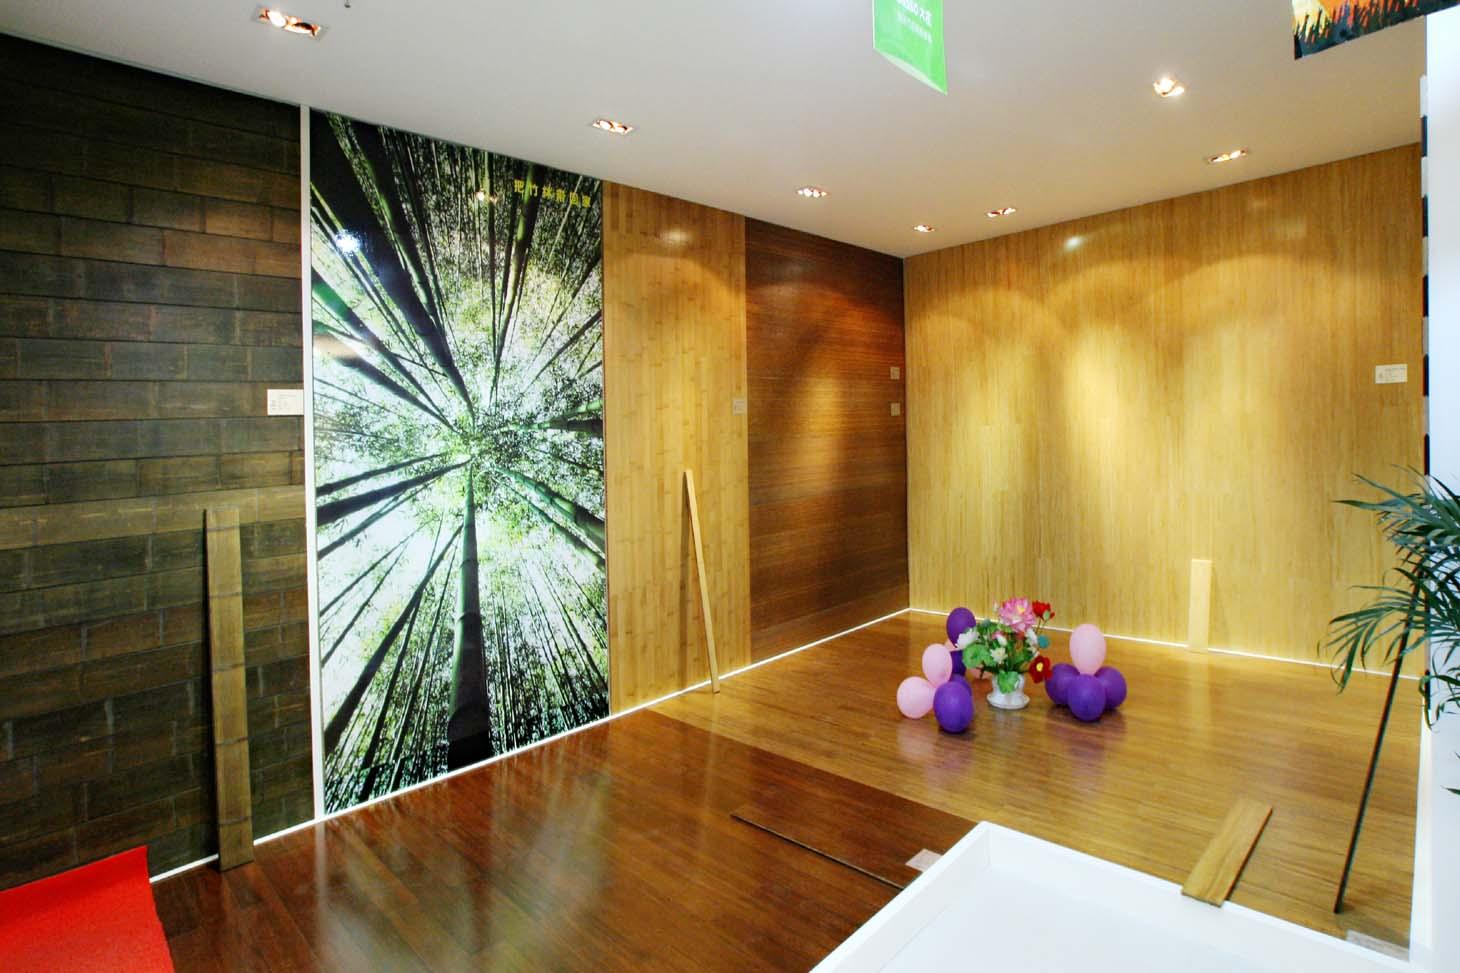 板材展示厅设计效果图